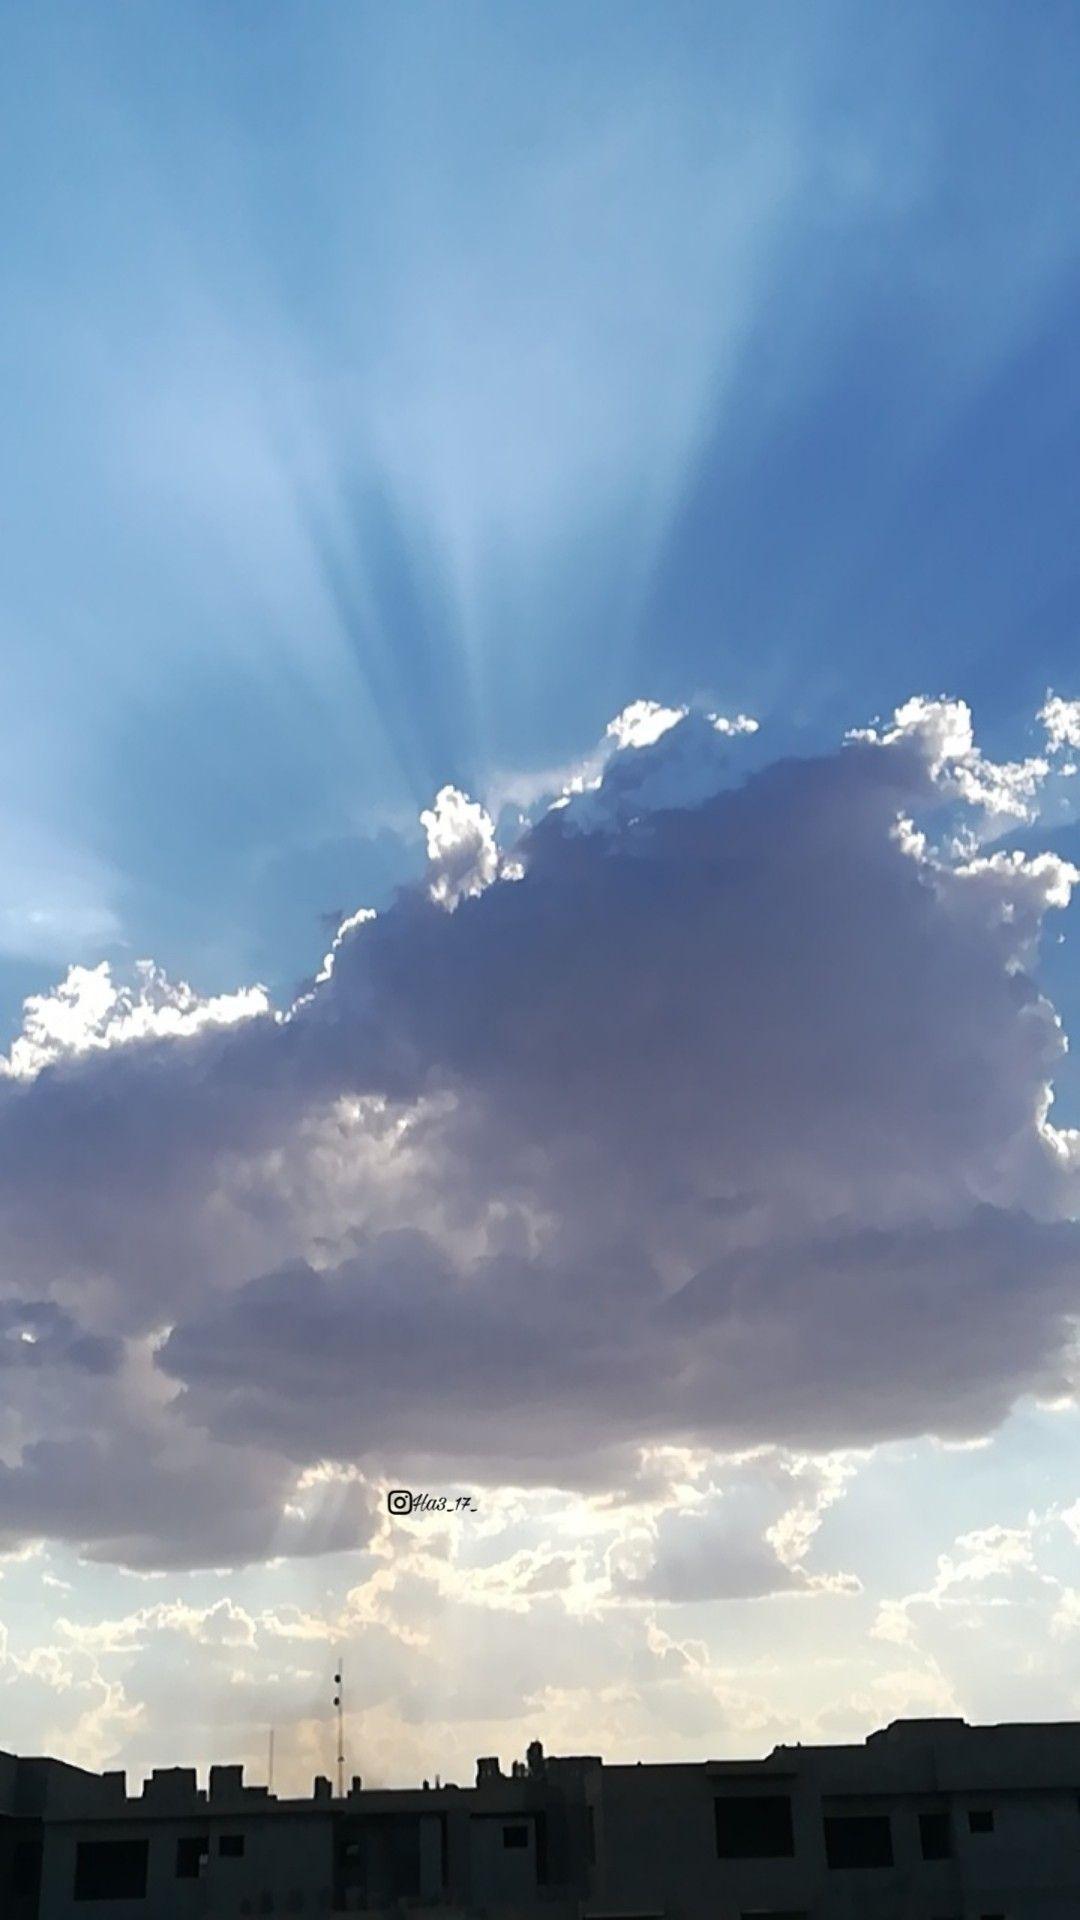 غيوم كيوت شمس افكار تصوير Outdoor Clouds